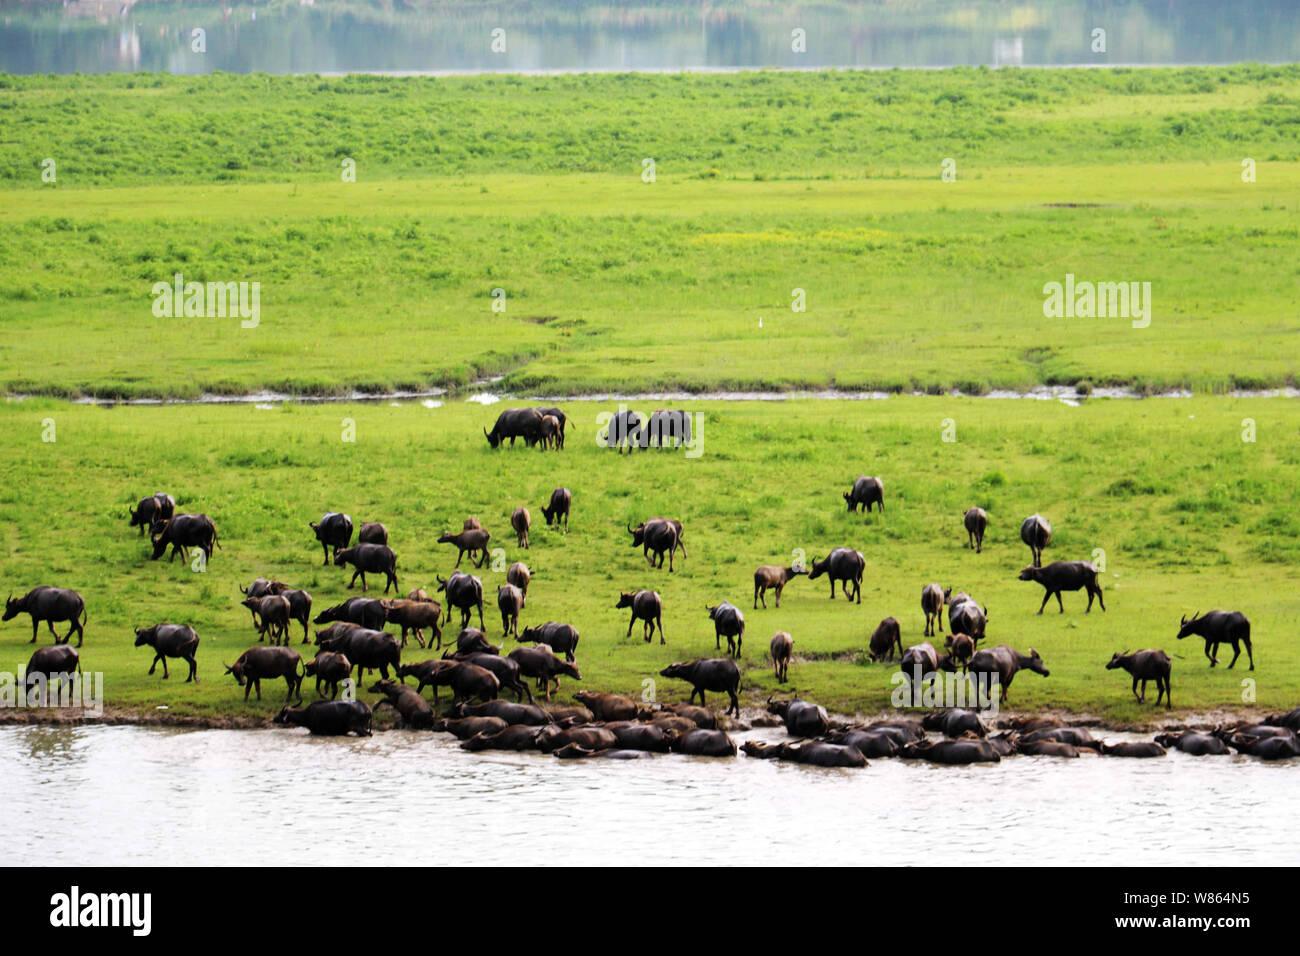 Un enjambre de búfalos llegar a una isla en el río los ríos Jialing para navegar después de nadar a través del río en la aldea, ciudad Xiangru Youfanggou, Peng'an contar Foto de stock